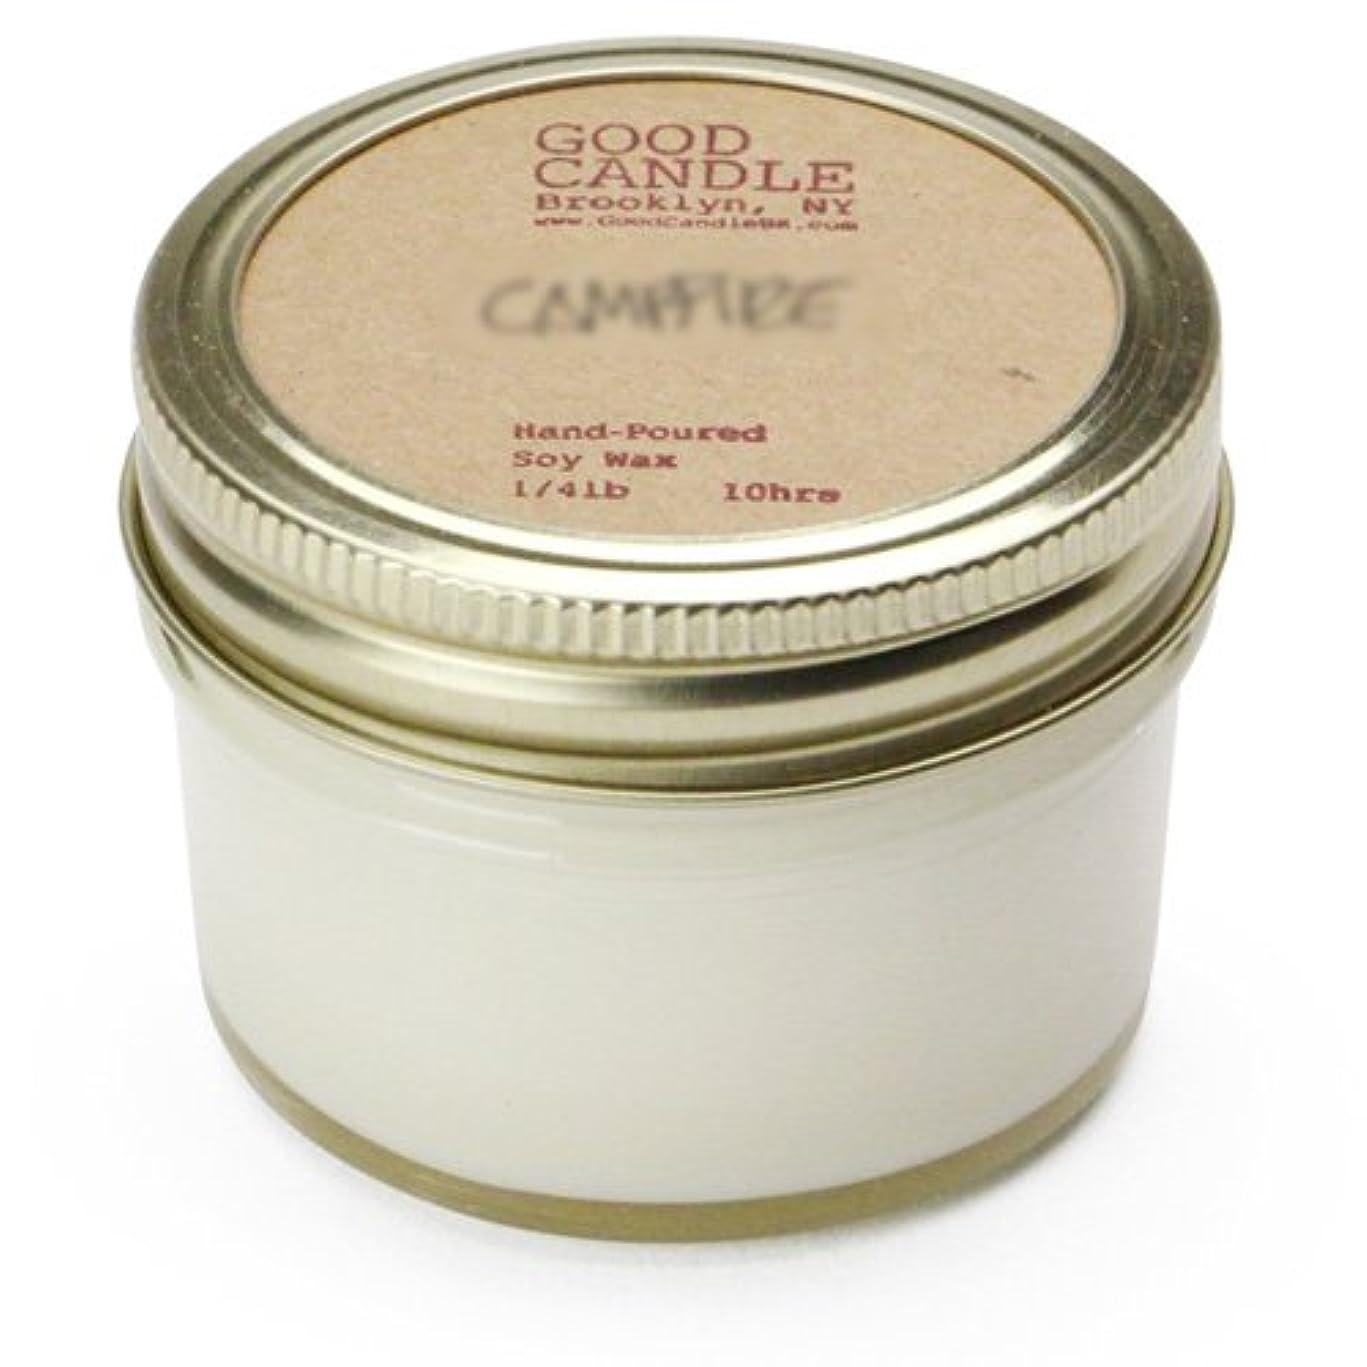 コットン侵略ペチュランスグッドキャンドル 1/4ポンド ゼリージャー キャンドル Good Candle 1/4LB Jelly jar candle [ Rose ] 正規品